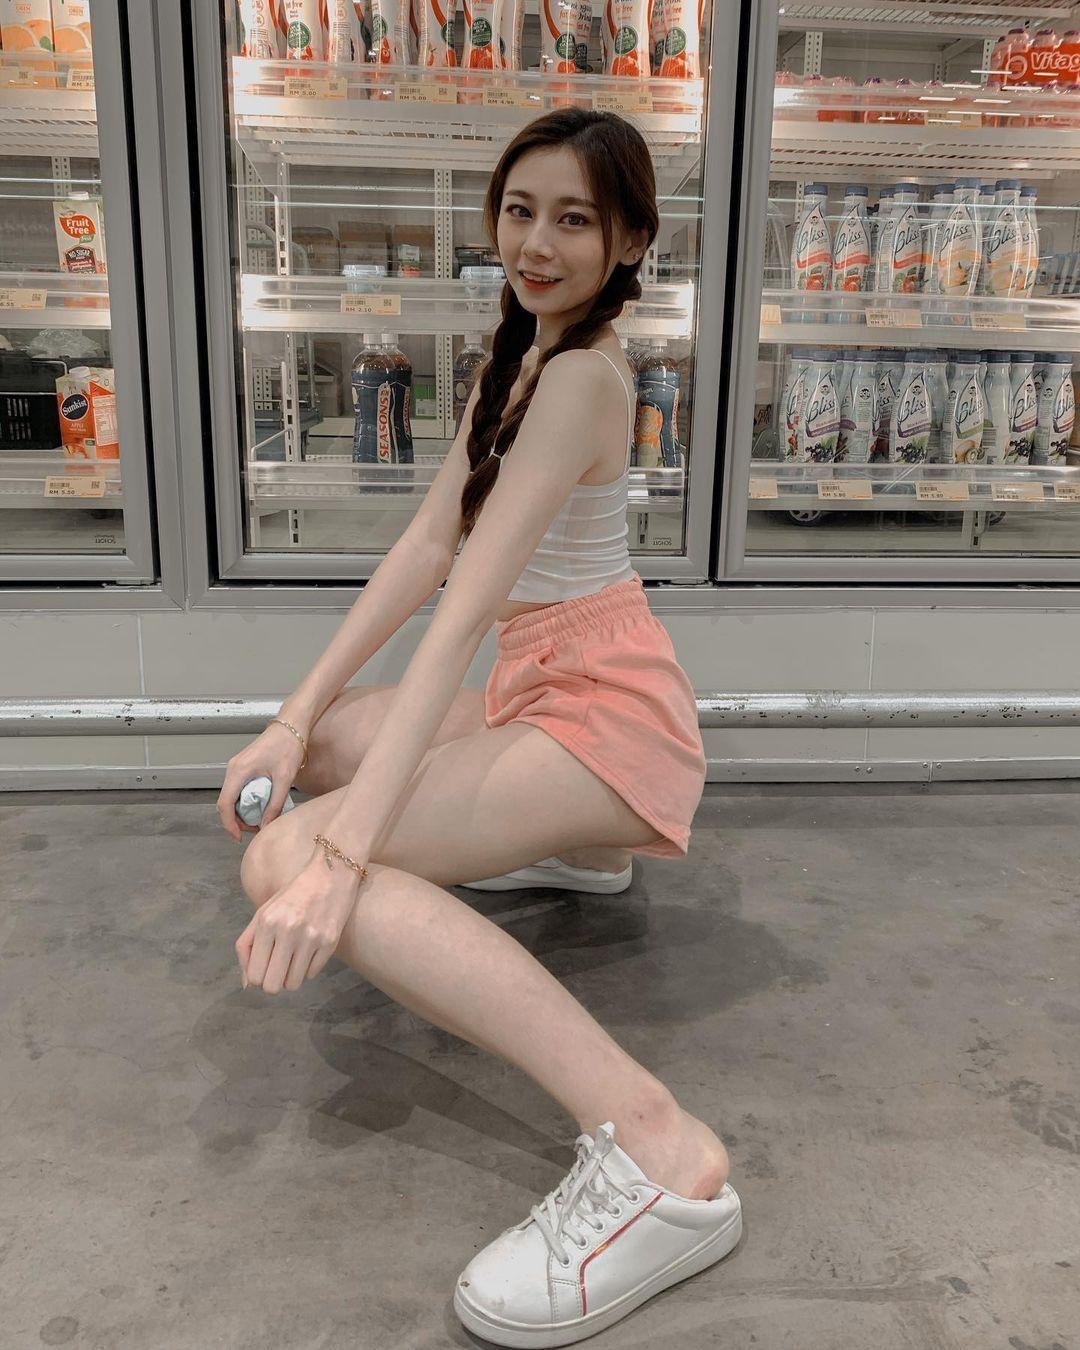 马来西亚的网红美女[思欣],可爱外型散发满满气质-新图包